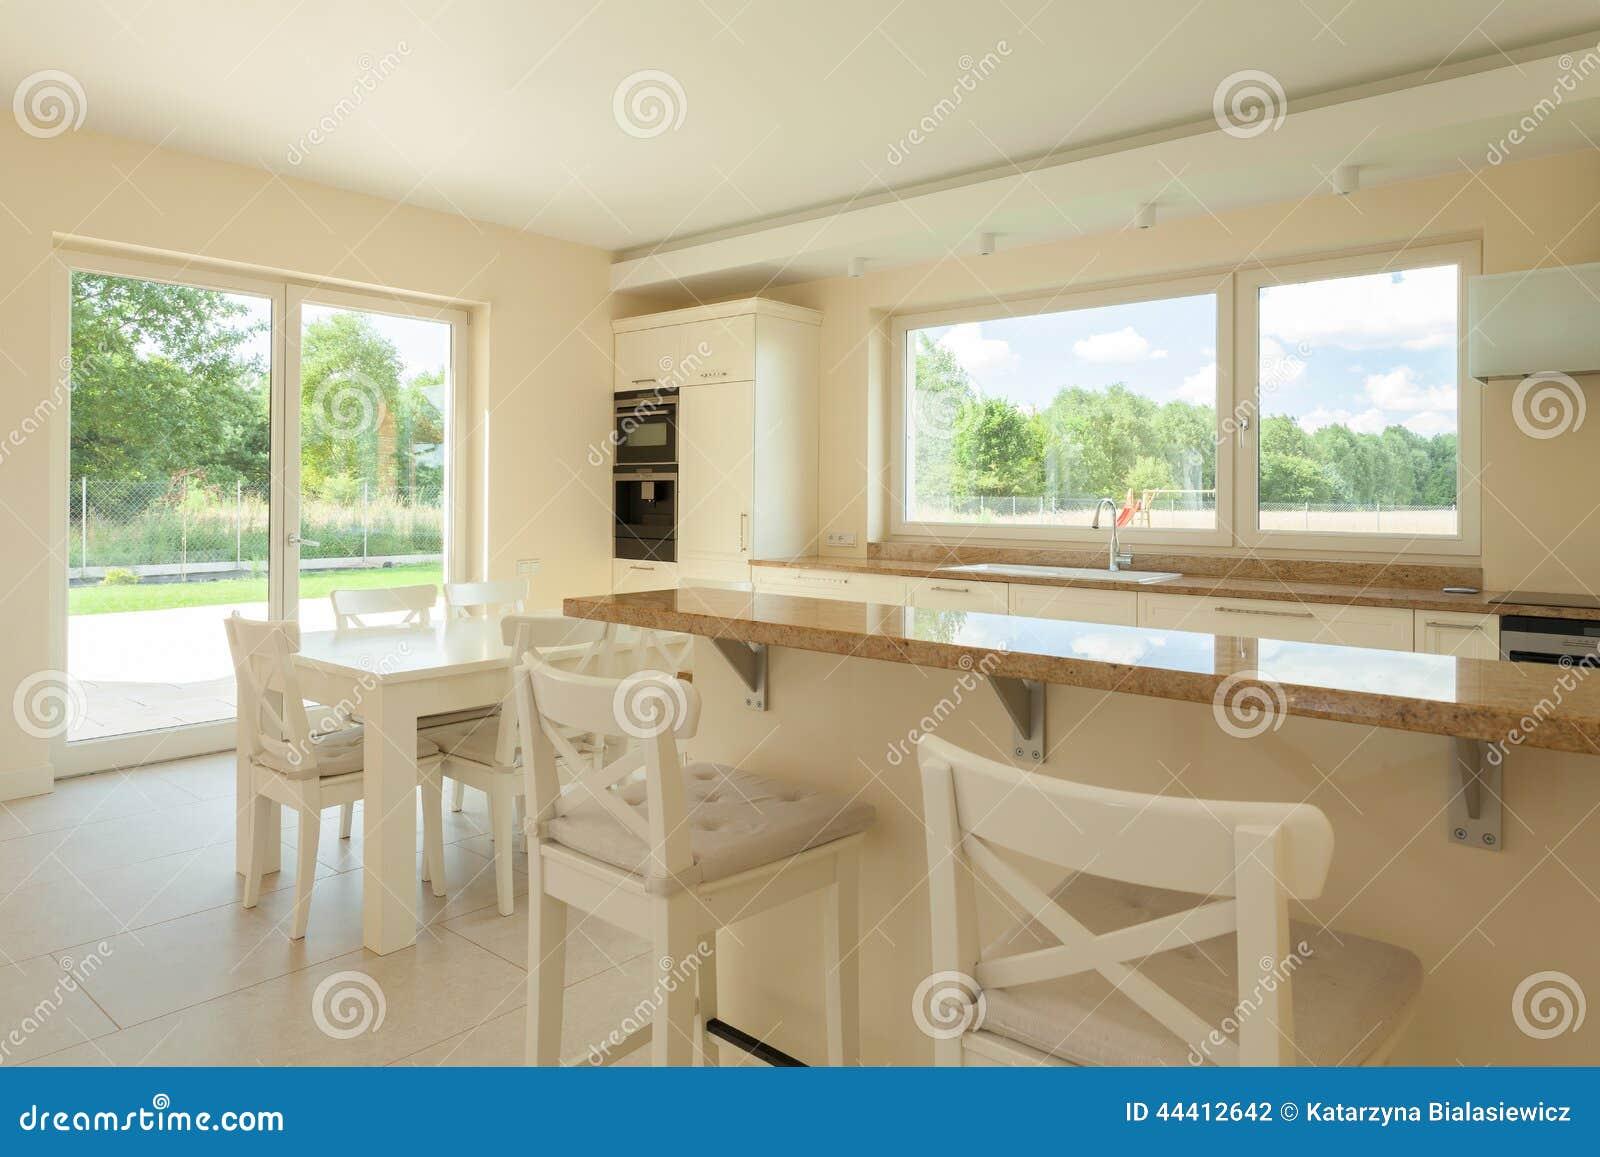 Cocina blanca en casa moderna foto de archivo imagen for Casa moderna blanca